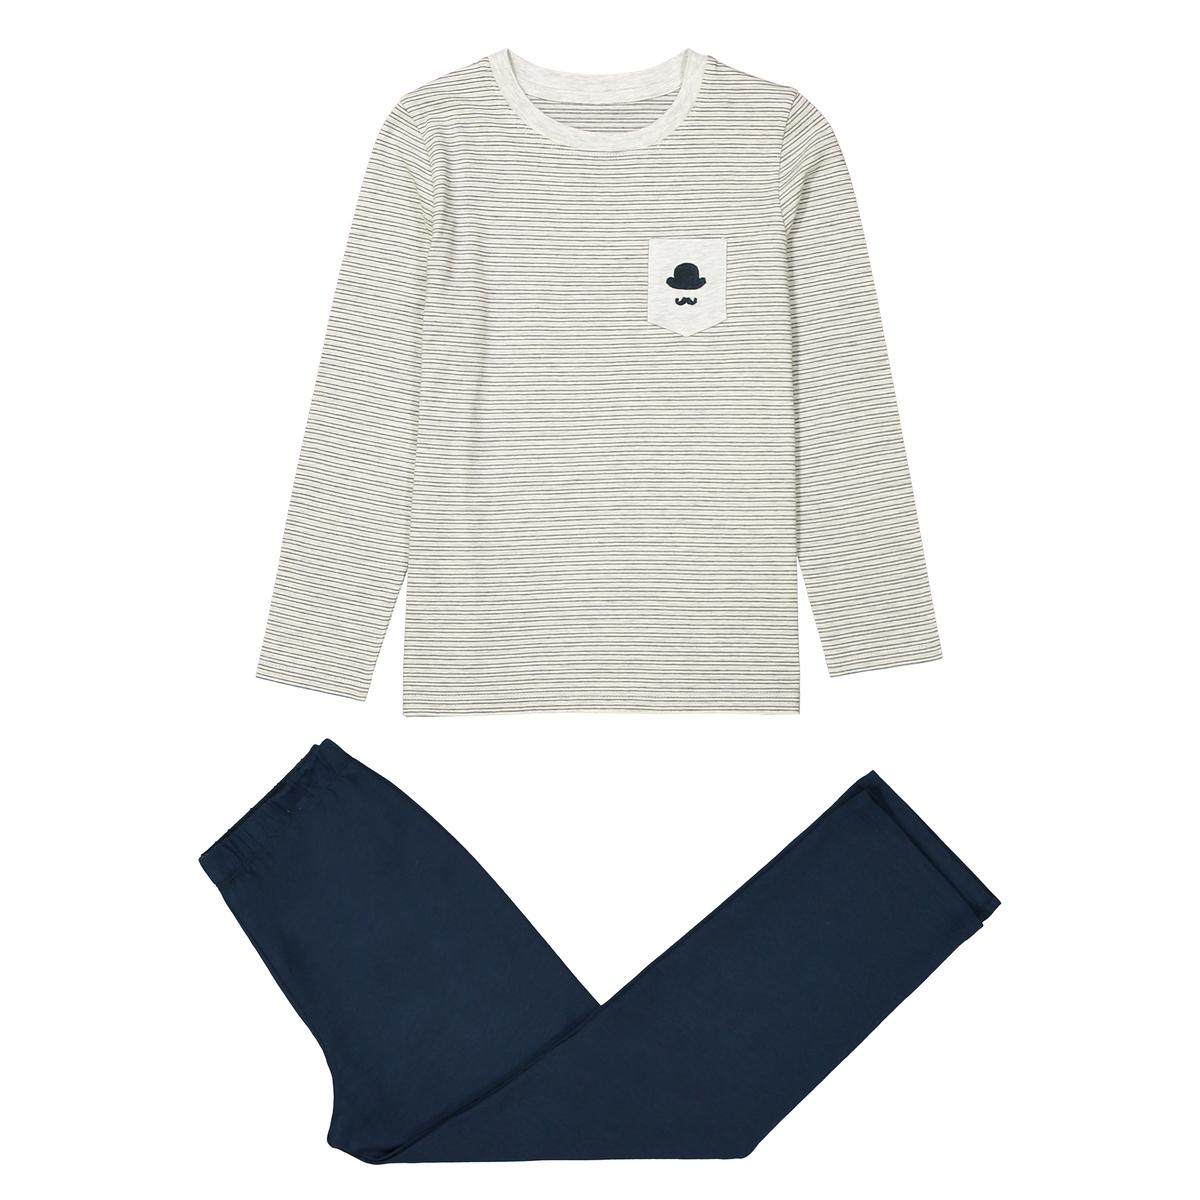 Пижама двухцветная из хлопка, 2-12 летОписание:Двухцветная пижама: футболка в полоску с длинными рукавами и небольшим нагрудным карманом с вышивкой в британском стиле и однотонные брюки.Детали •  Длинные рукава •  Круглый вырез •  Брюки на эластичном поясе Состав и уход •  100% хлопок •  Температура стирки 30° •  Низкая температура глажки •  Машинная сушка на умеренном режиме<br><br>Цвет: серый меланж/темно-синий